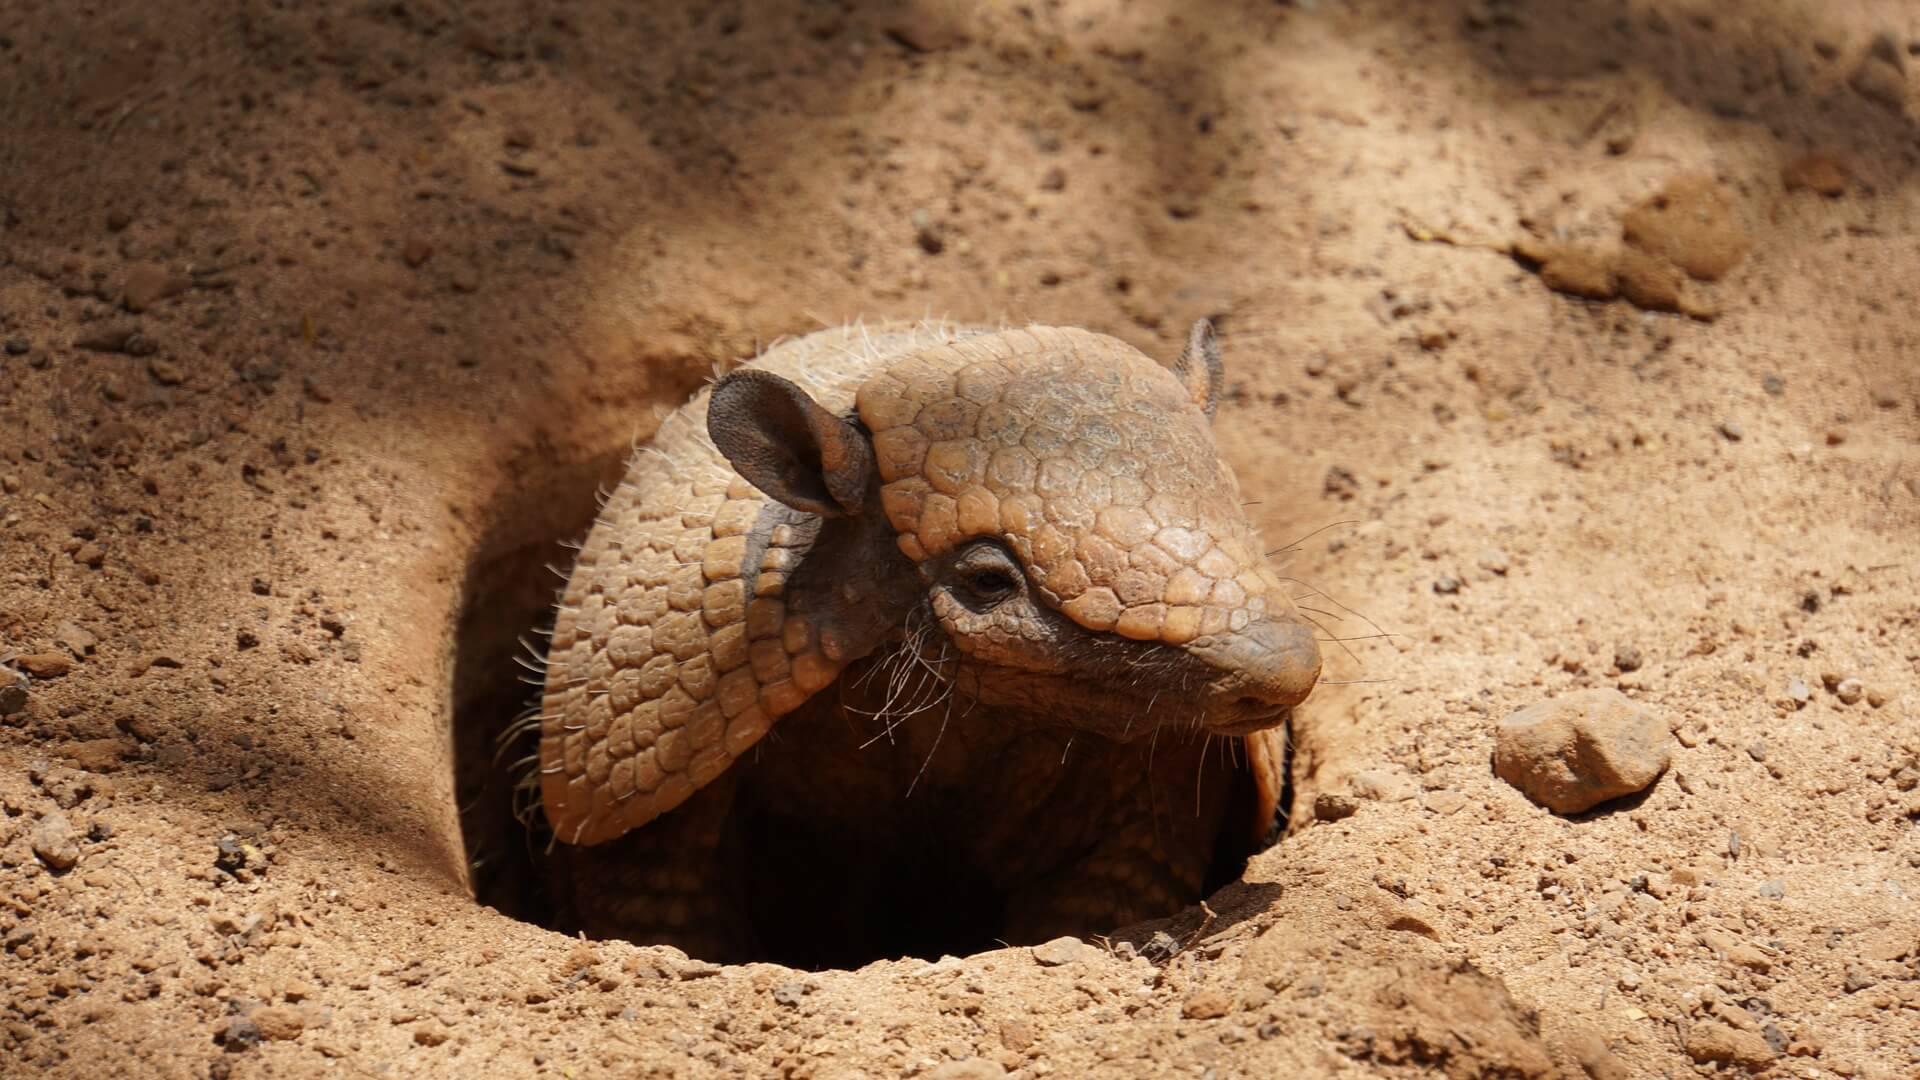 Armadillo : Amerika Kıtasına Özgü Fantastik Özelliklerde Bir Hayvan!